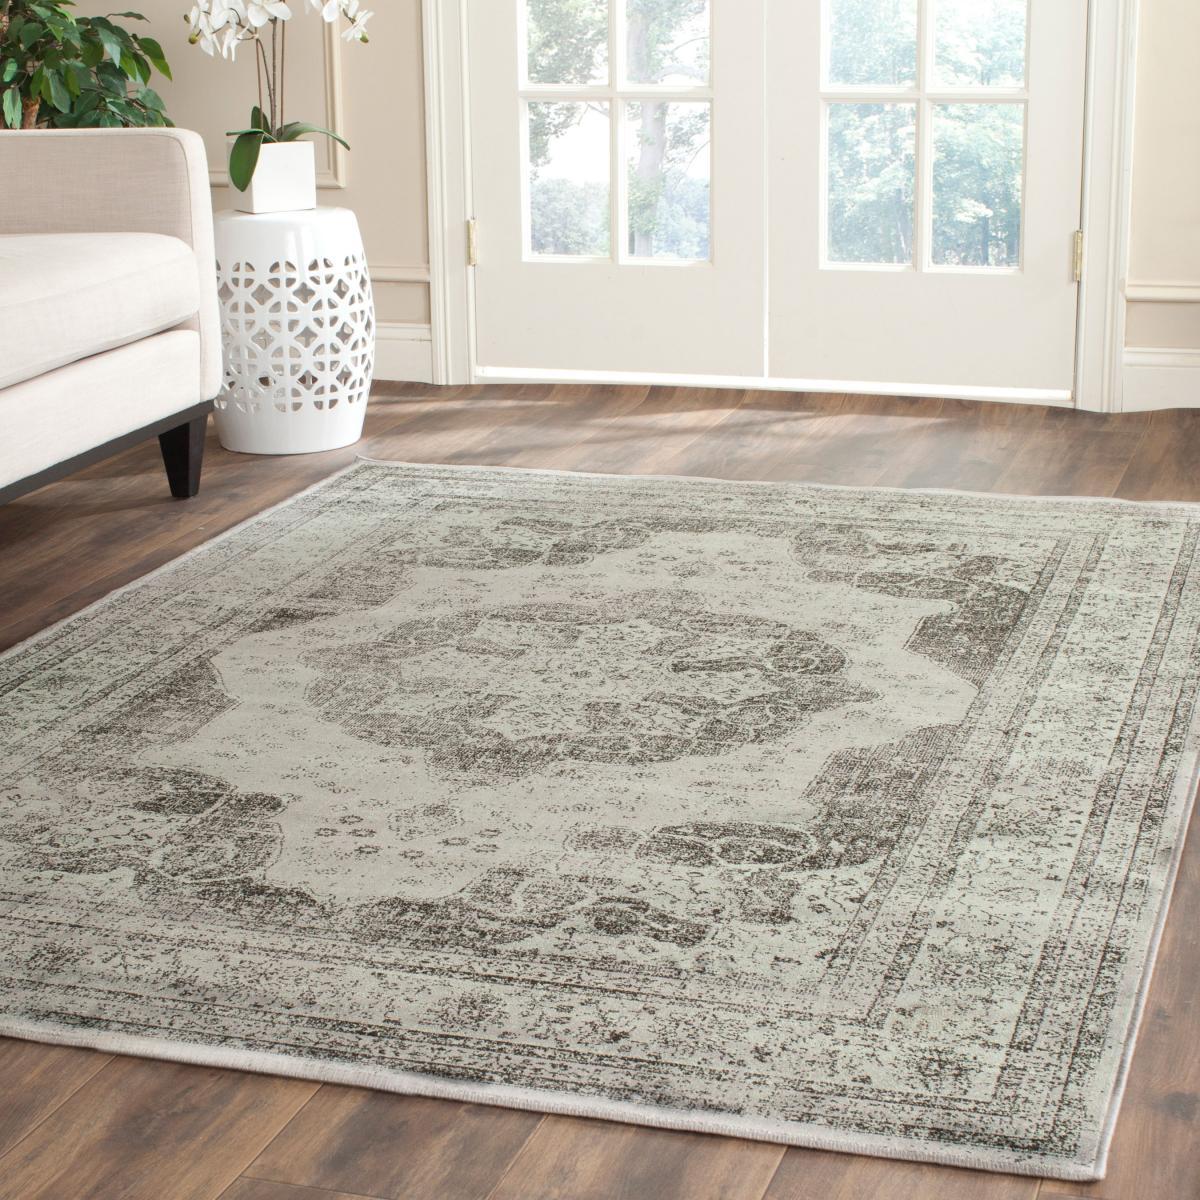 safavieh rugs vtg158-770 - IZOOKPU